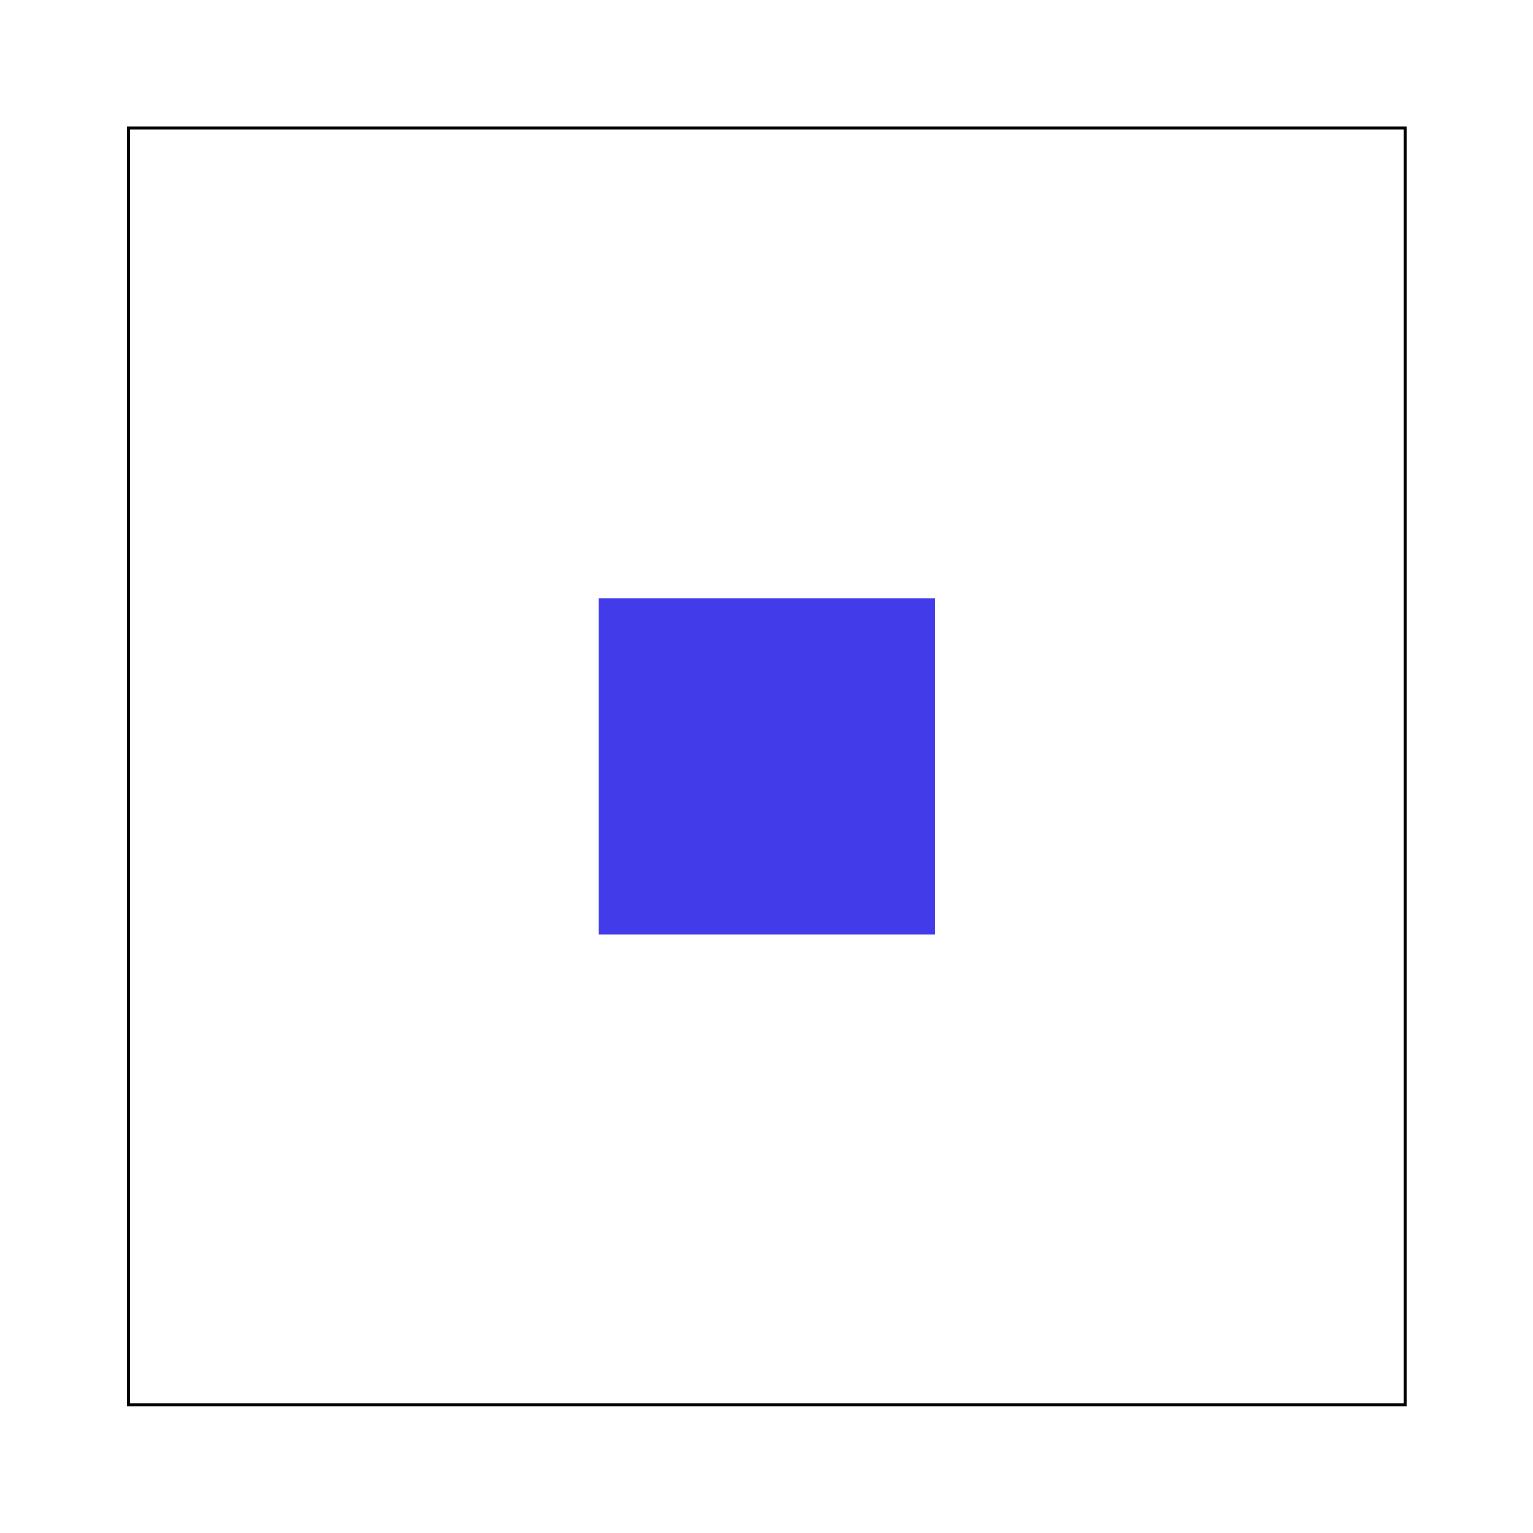 Accent Colour@3x.png